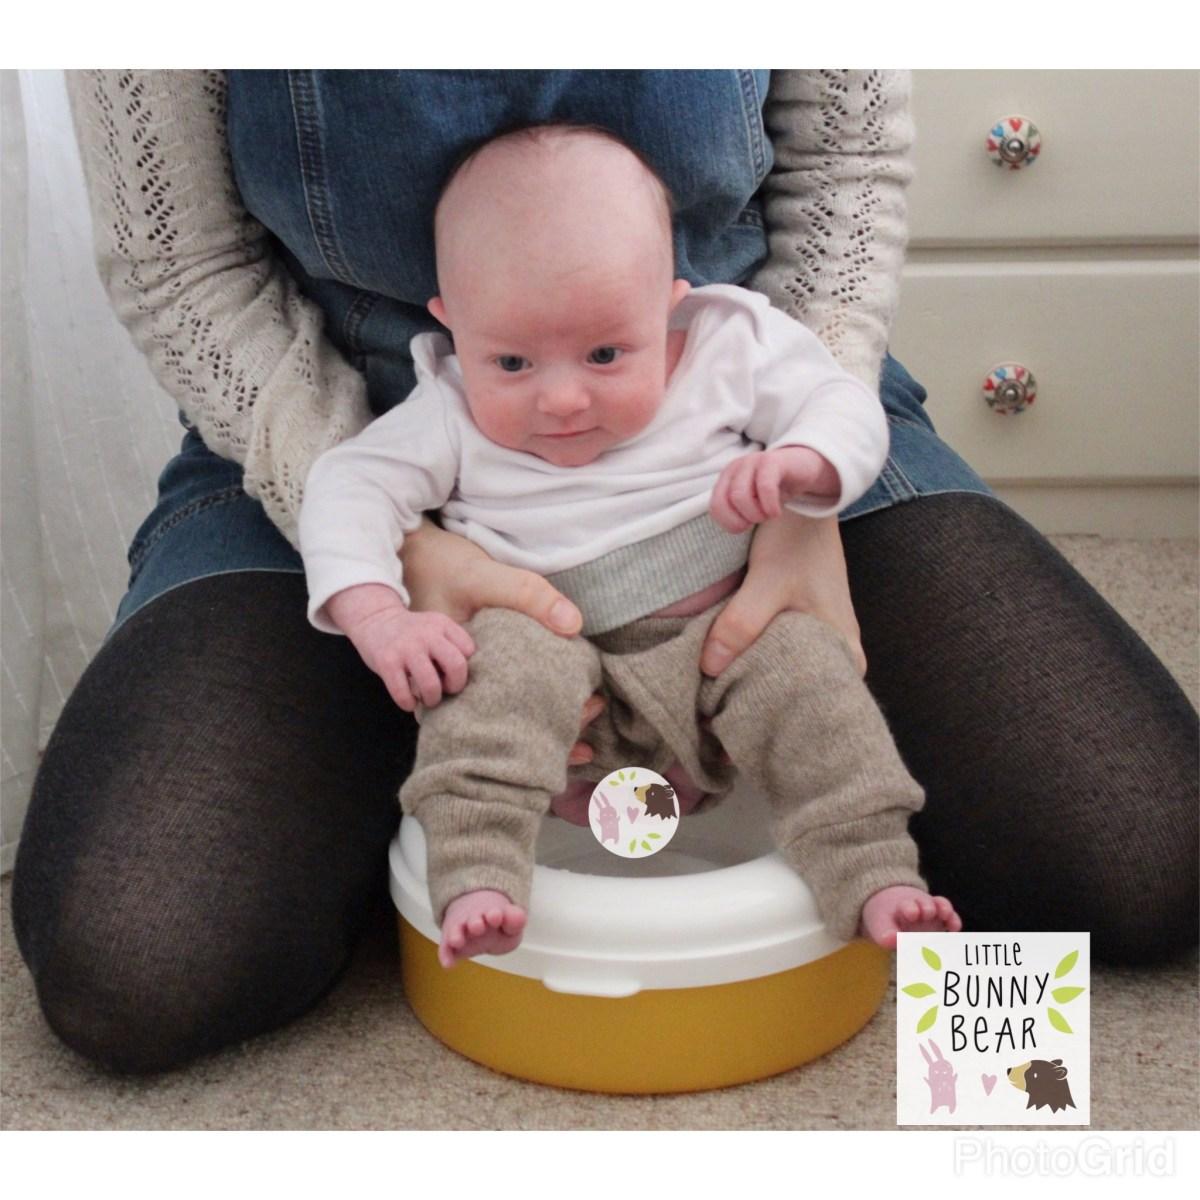 baby pottying